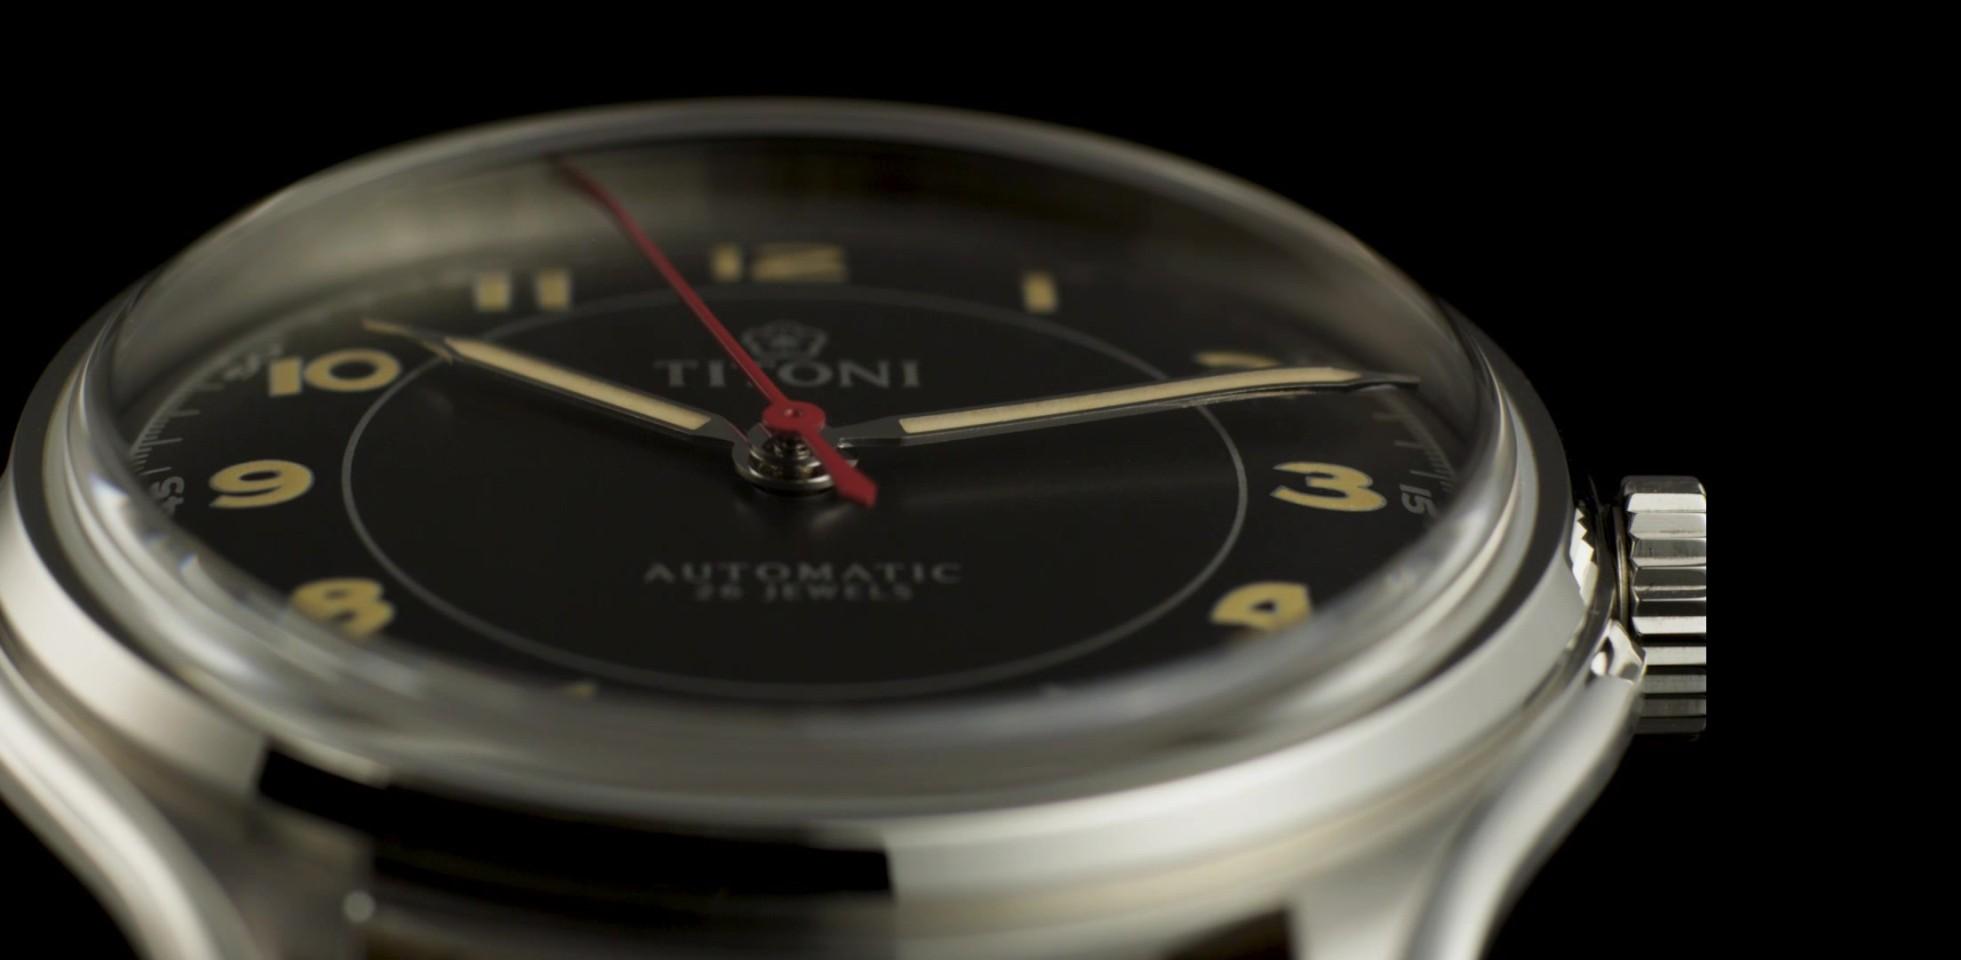 重現1948年「不朽的計時工具」,TITONI Heritage傳承系列腕錶引領新魅力年代